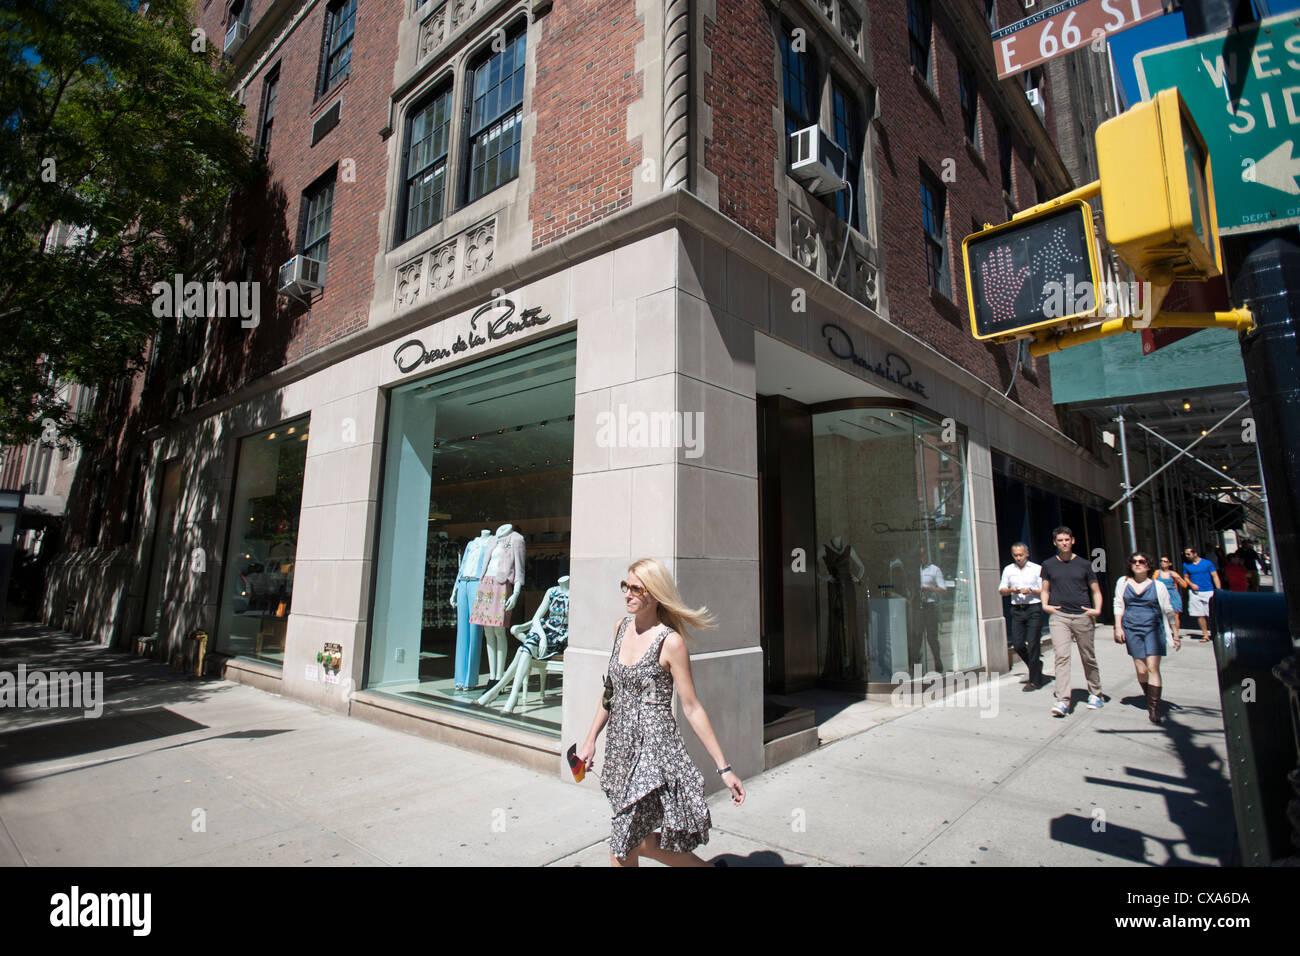 Madison Side Streets After Oscars >> Designer Oscar De La Renta Boutique On Madison Avenue In New York